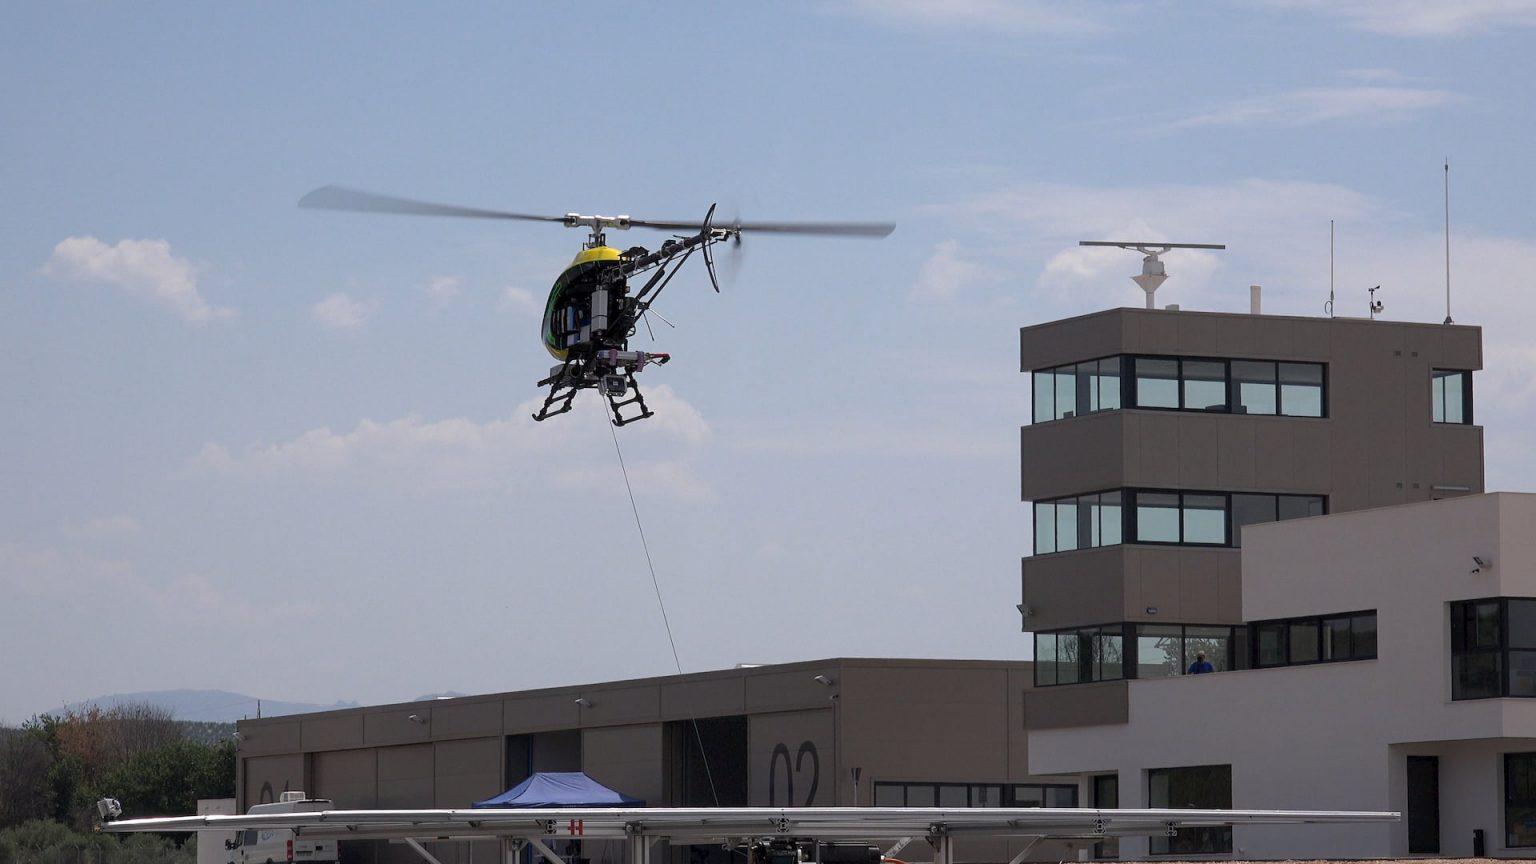 pruebas drone volando